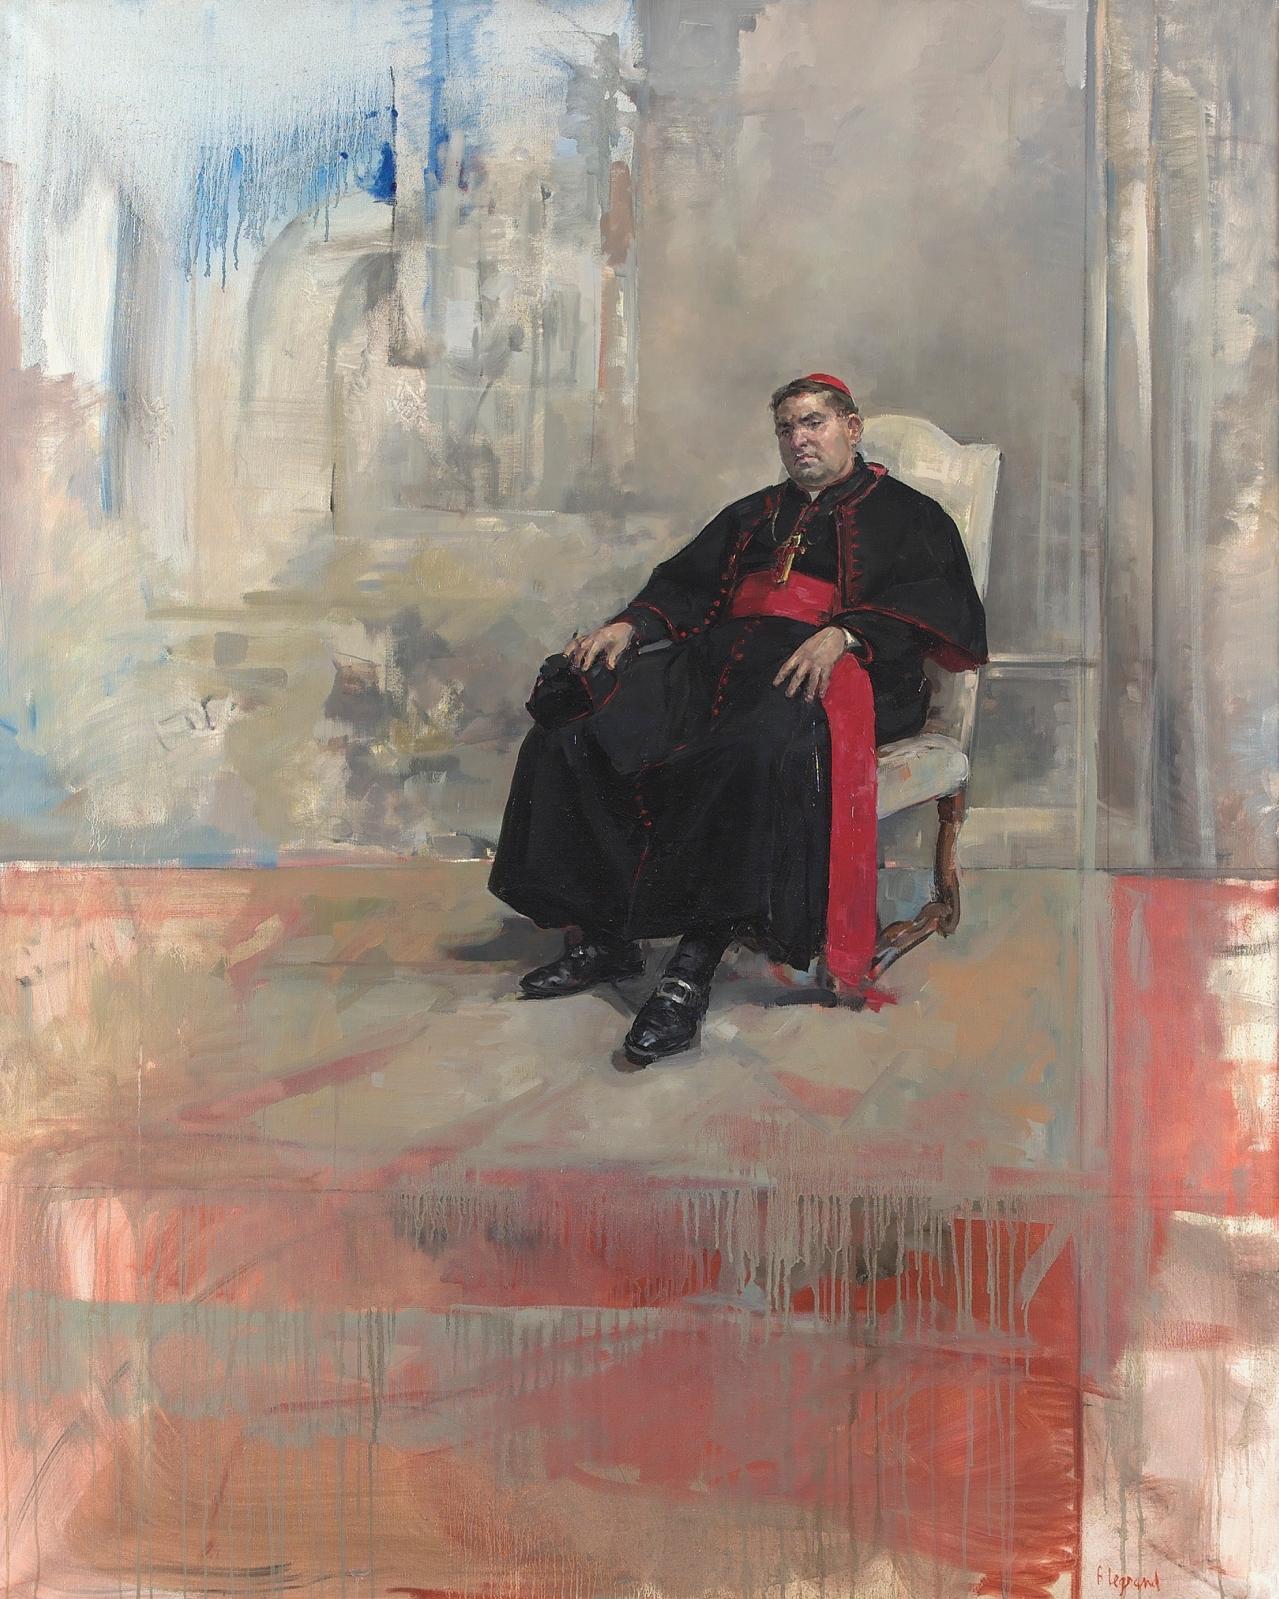 Cardinal, 1992, huile sur toile, 162x130cm. © François Legrand